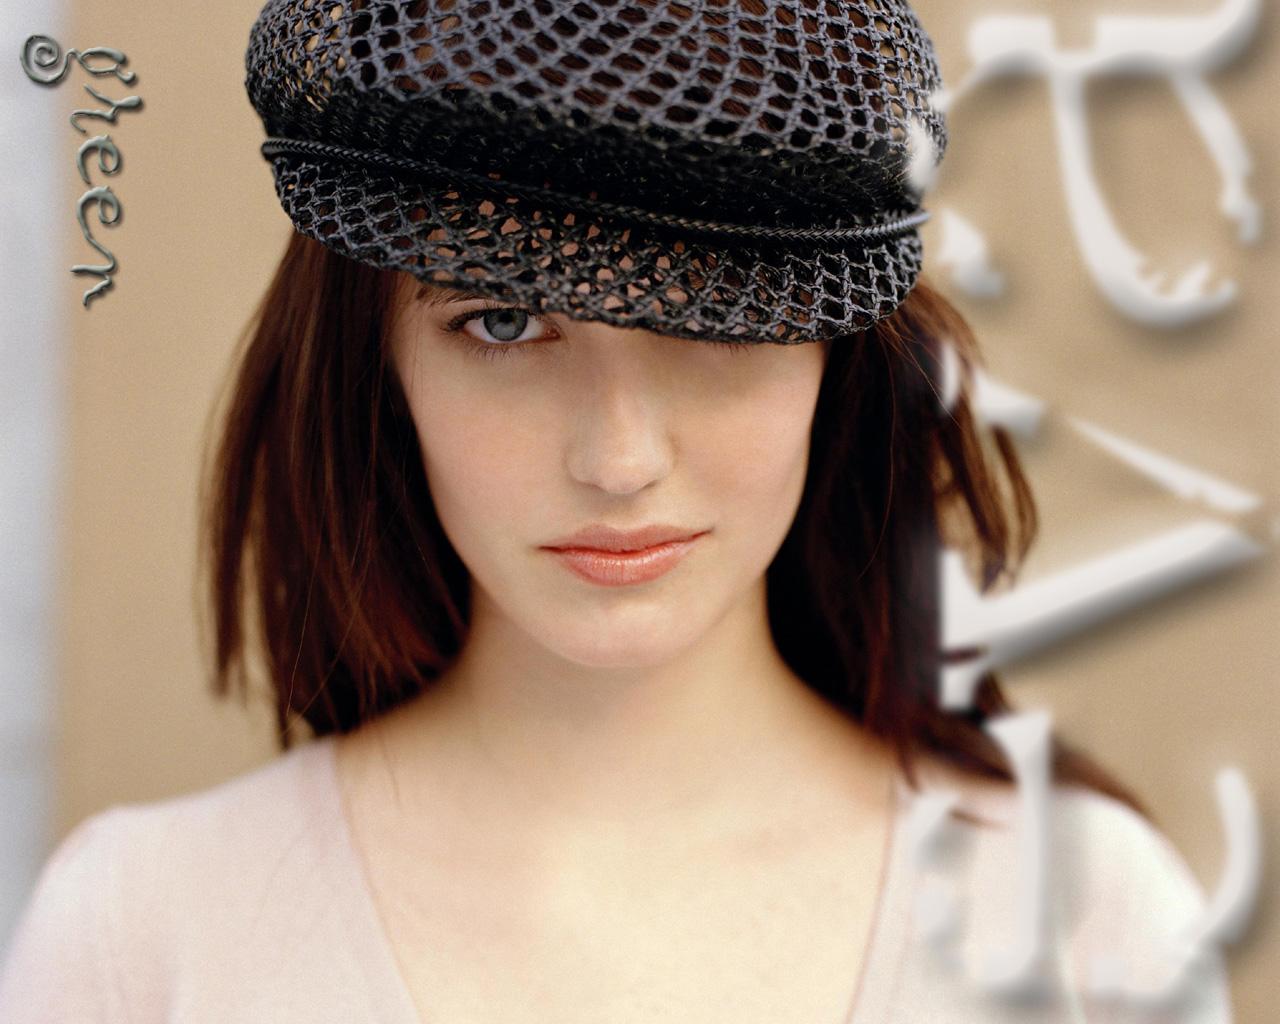 http://2.bp.blogspot.com/_GIbBrp39bLA/TL3AvJ0sNcI/AAAAAAAAAEA/Aw6ZF79S28U/s1600/eva_green_6.jpg